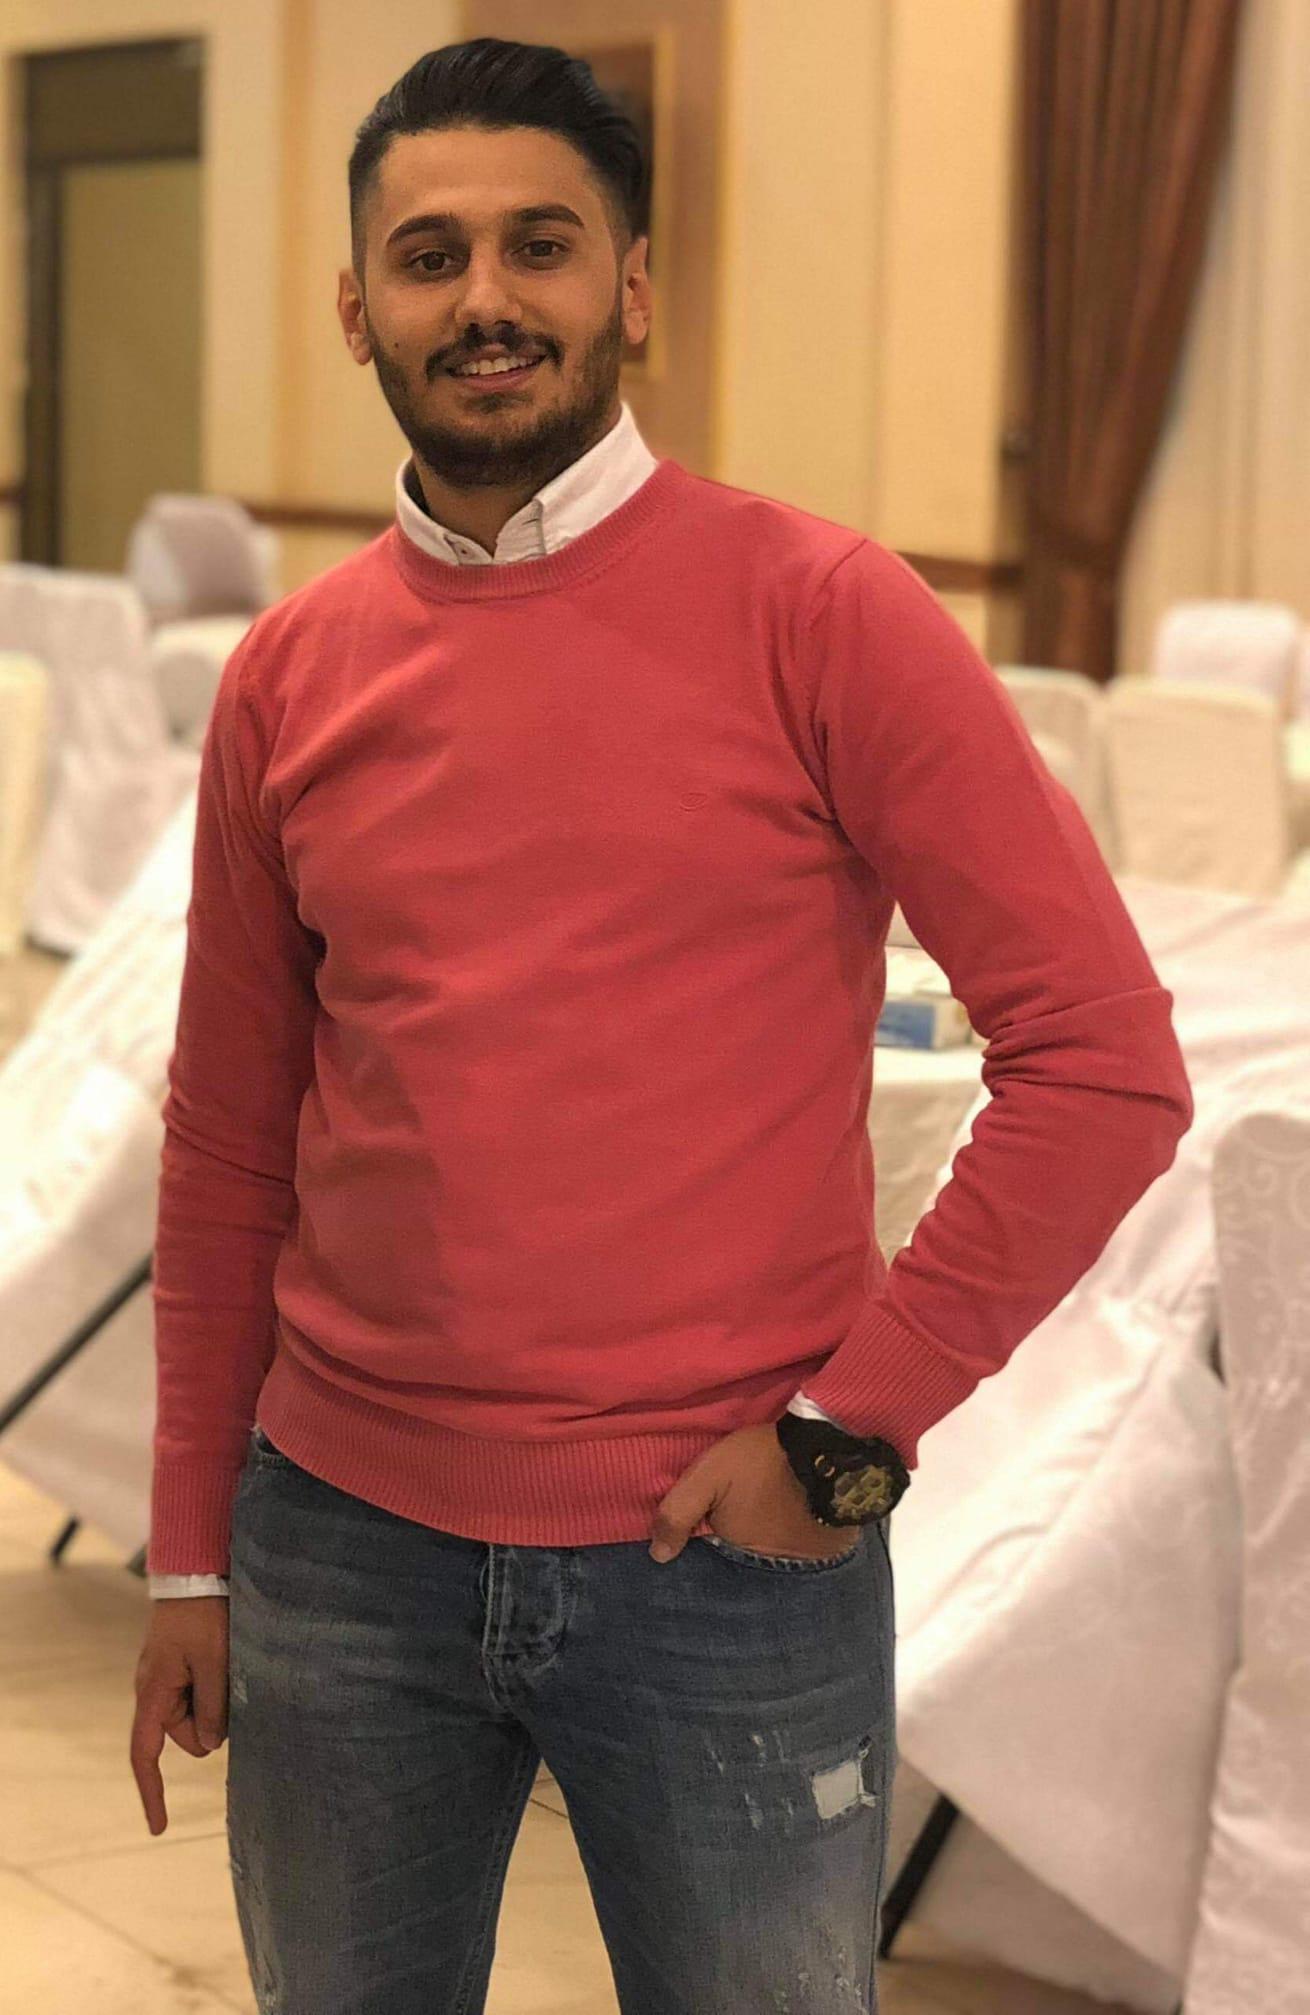 الزميل أحمد جواد  ..  كل عام وانت بالف صحة وسلامة وسعادة